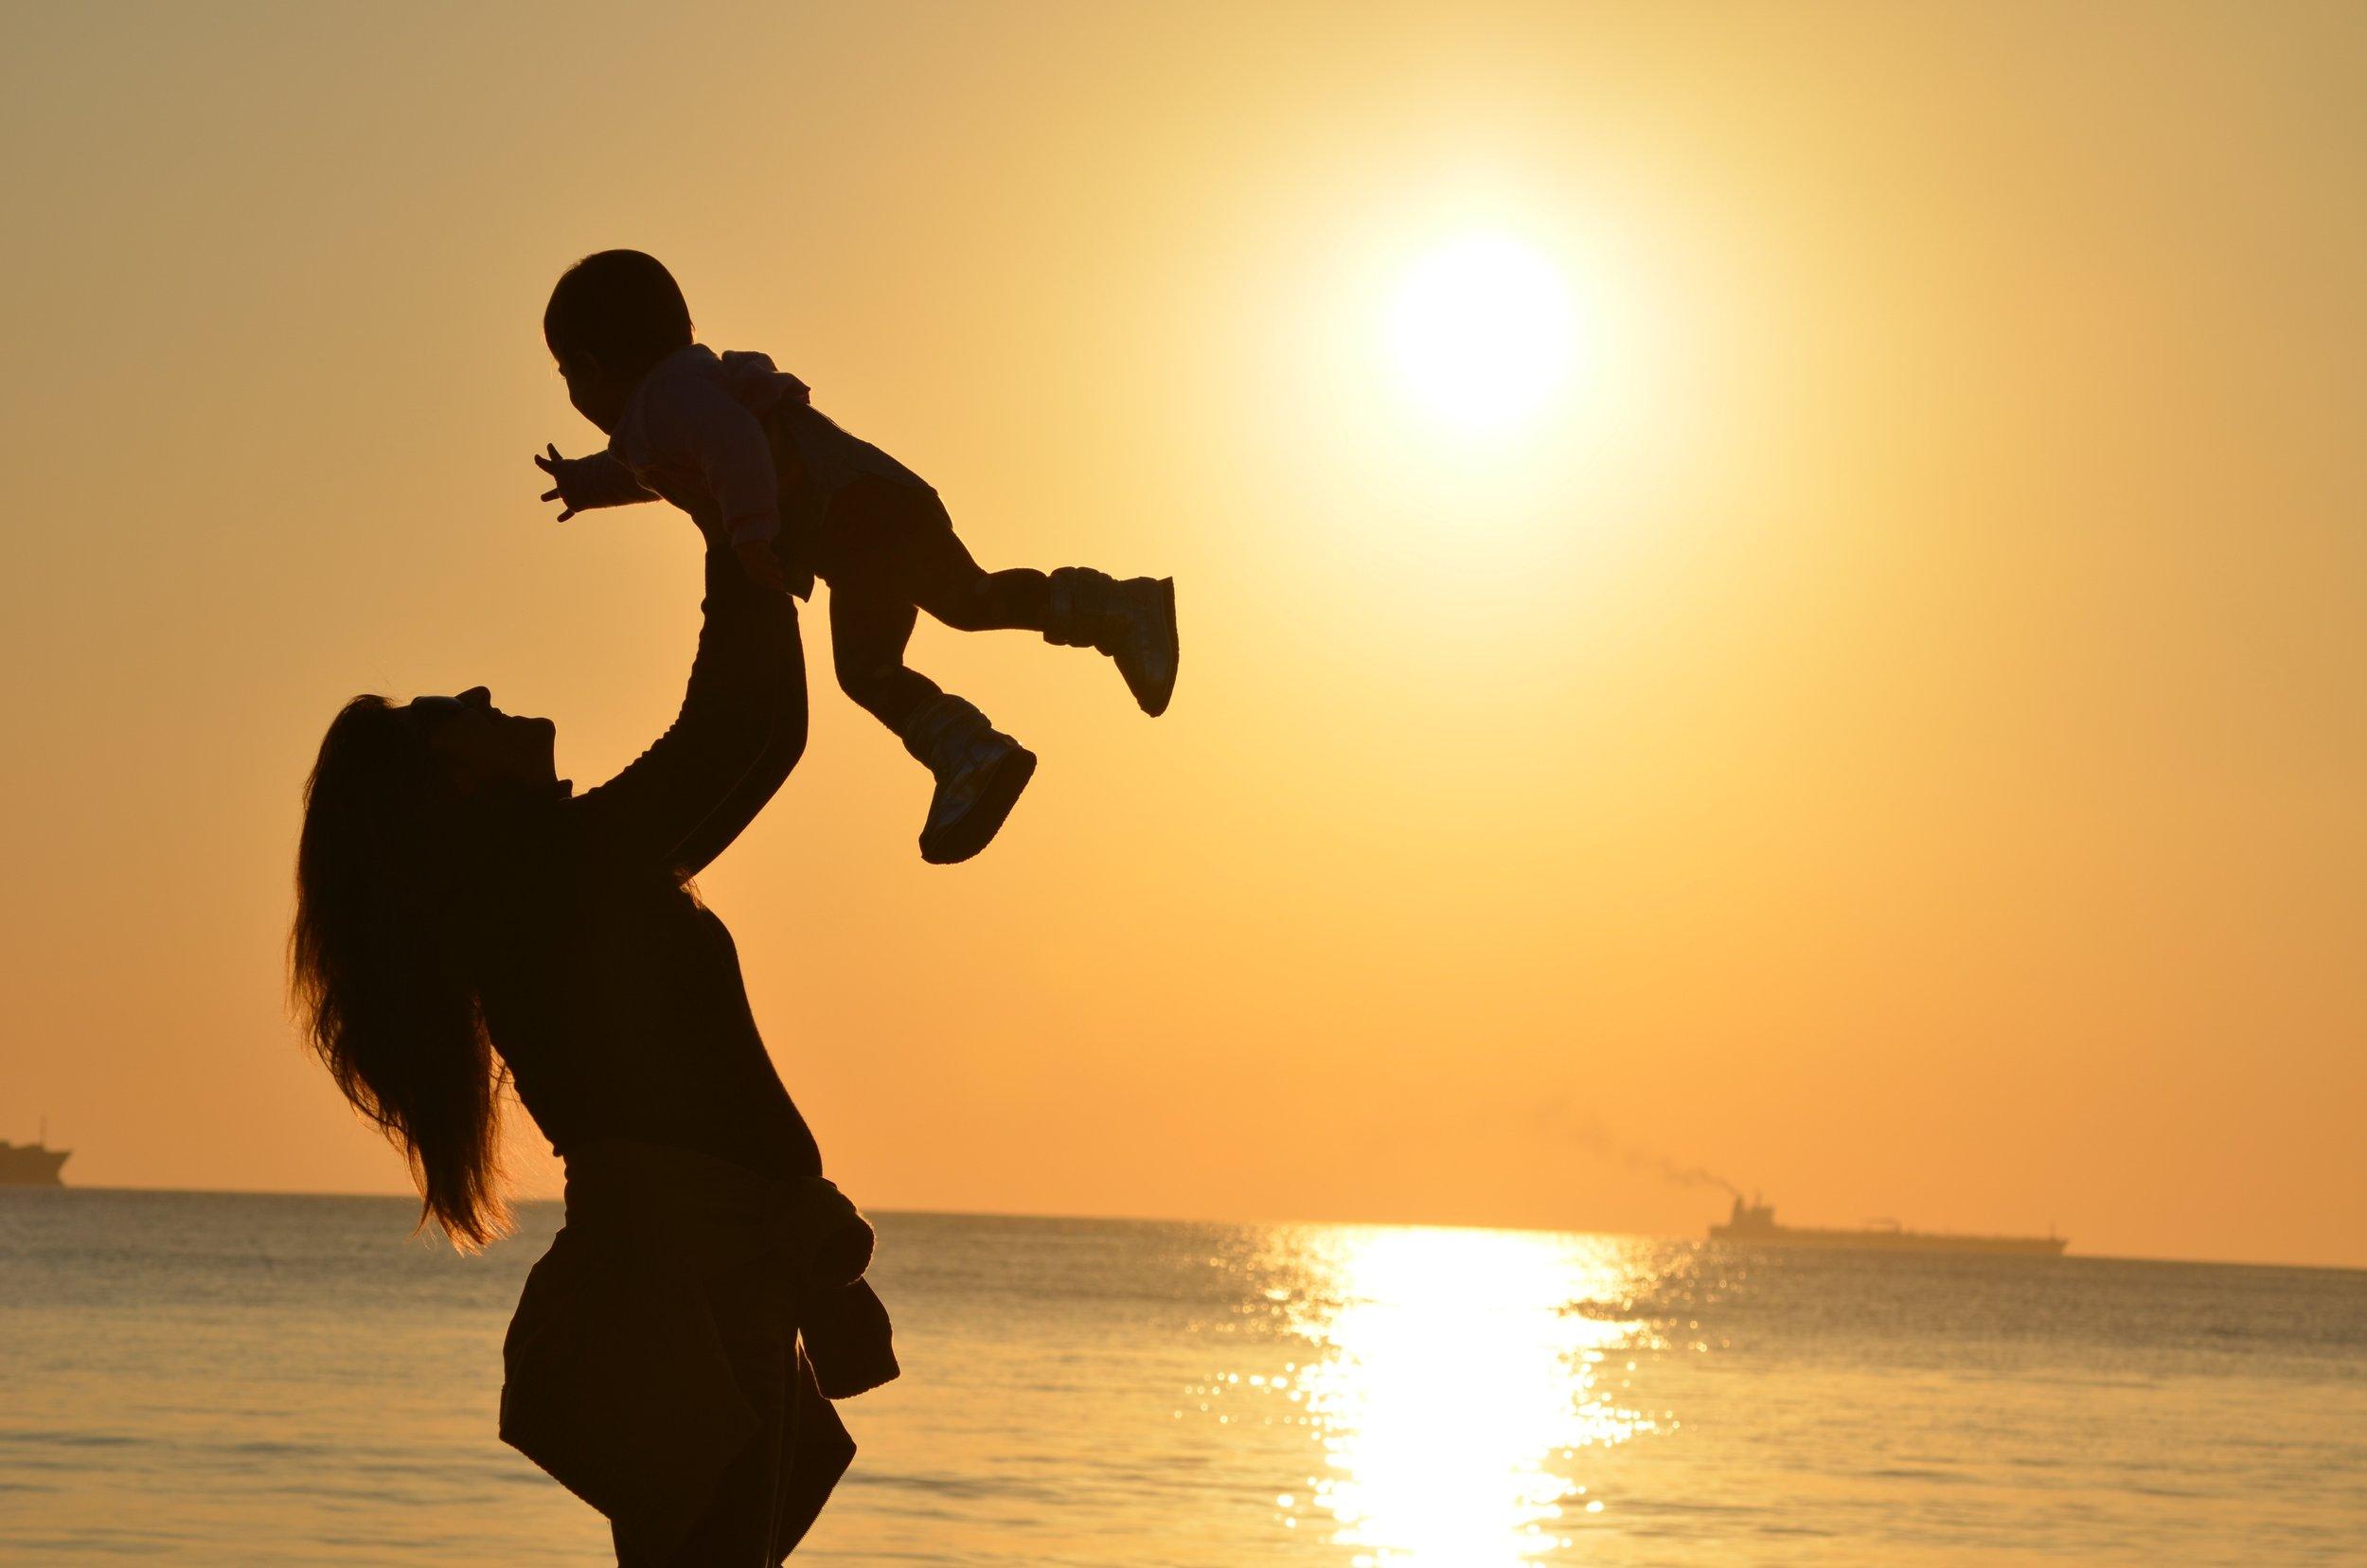 Vertrouwen - Als jong kind groeien we op in een omgeving waarin we onvoorwaardelijk vertrouwen op de ander.Naarmate we ouder worden wordt de invloed van anderen groter. Vragen als Wie ben ik? Wie mag ik zijn? Wie wil ik zijn? Wie moet ik zijn? maken steeds meer onderdeel uit van onze eigen gedachten. In onze blogpost geven we een aantal tips om hiermee om te gaan.